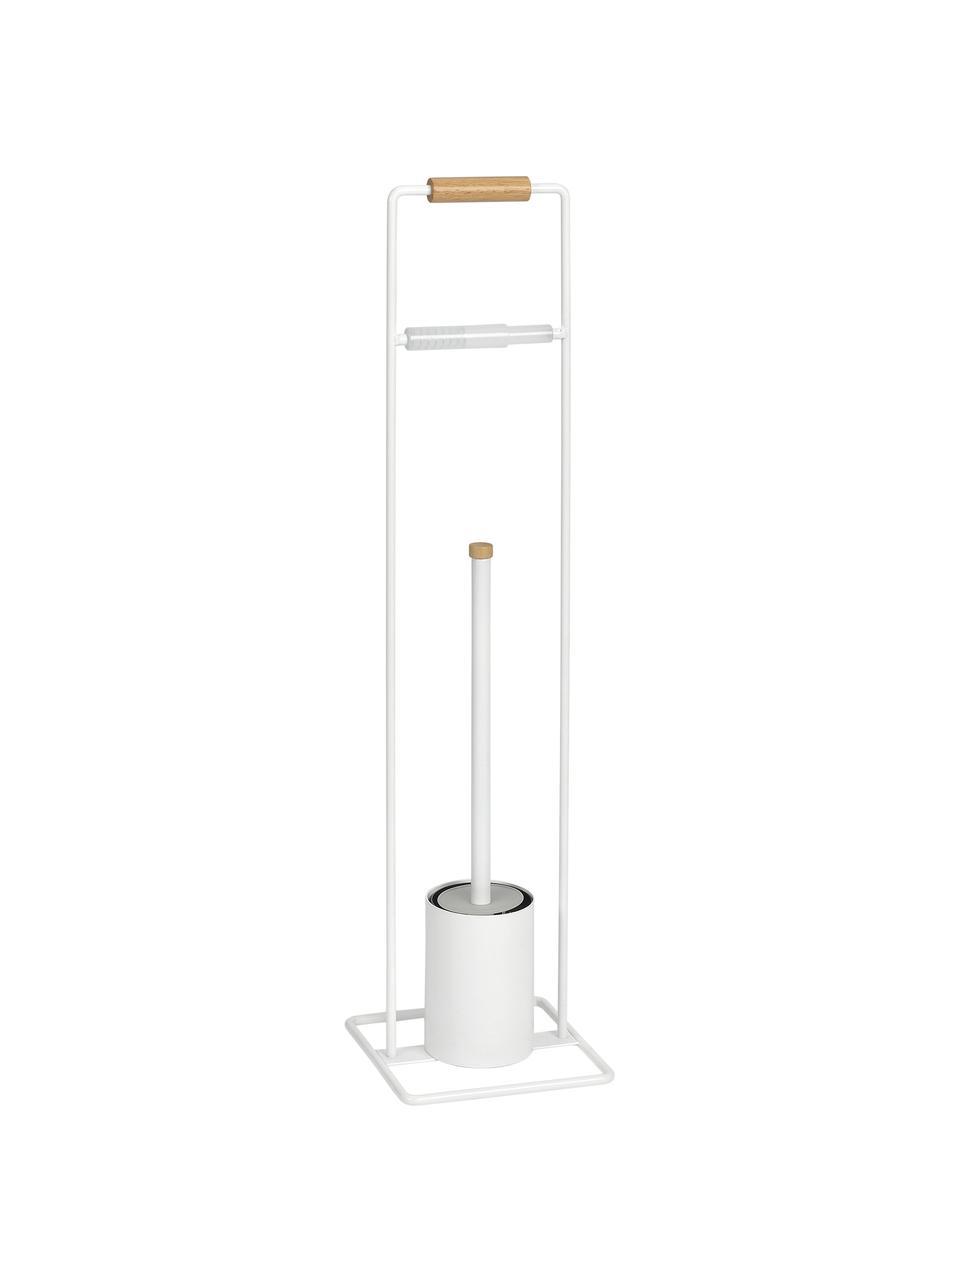 Toilettenpapierhalter Barbican mit Toilettenbürste, Metall, Gummibaumholz, lackiert, Weiß, Gummibaumholz, 18 x 72 cm